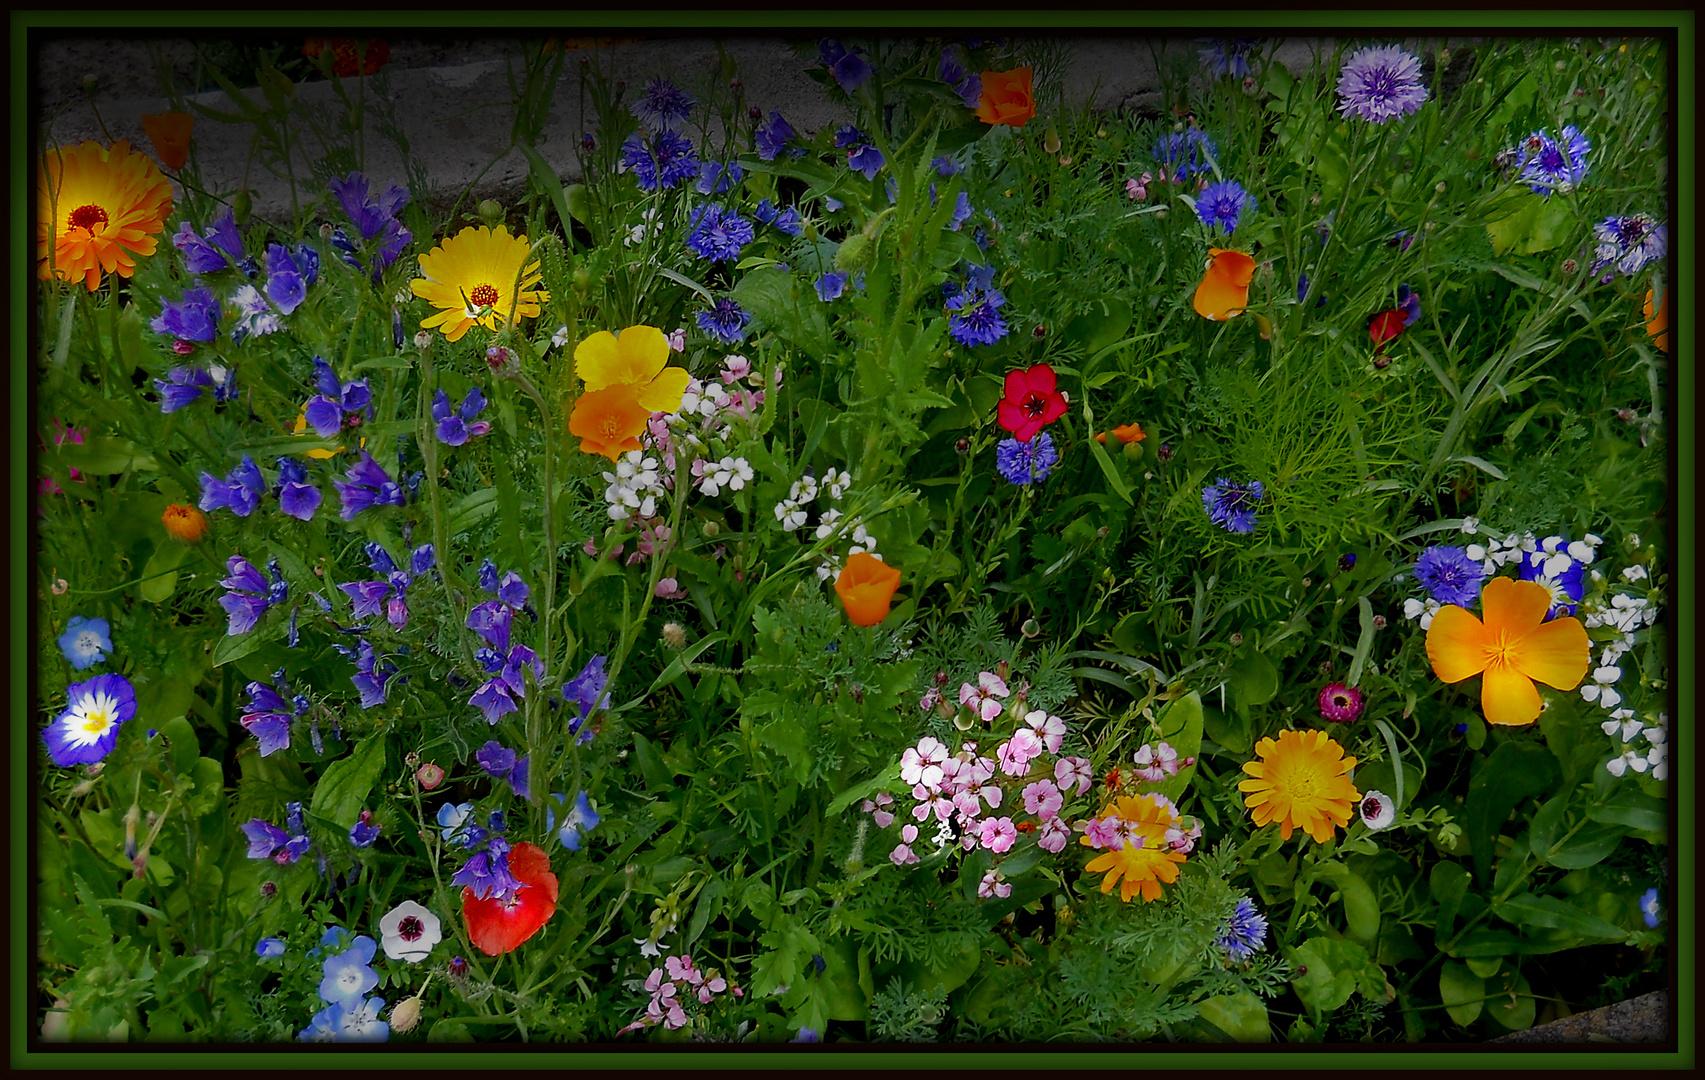 Bunte Blumenmischung